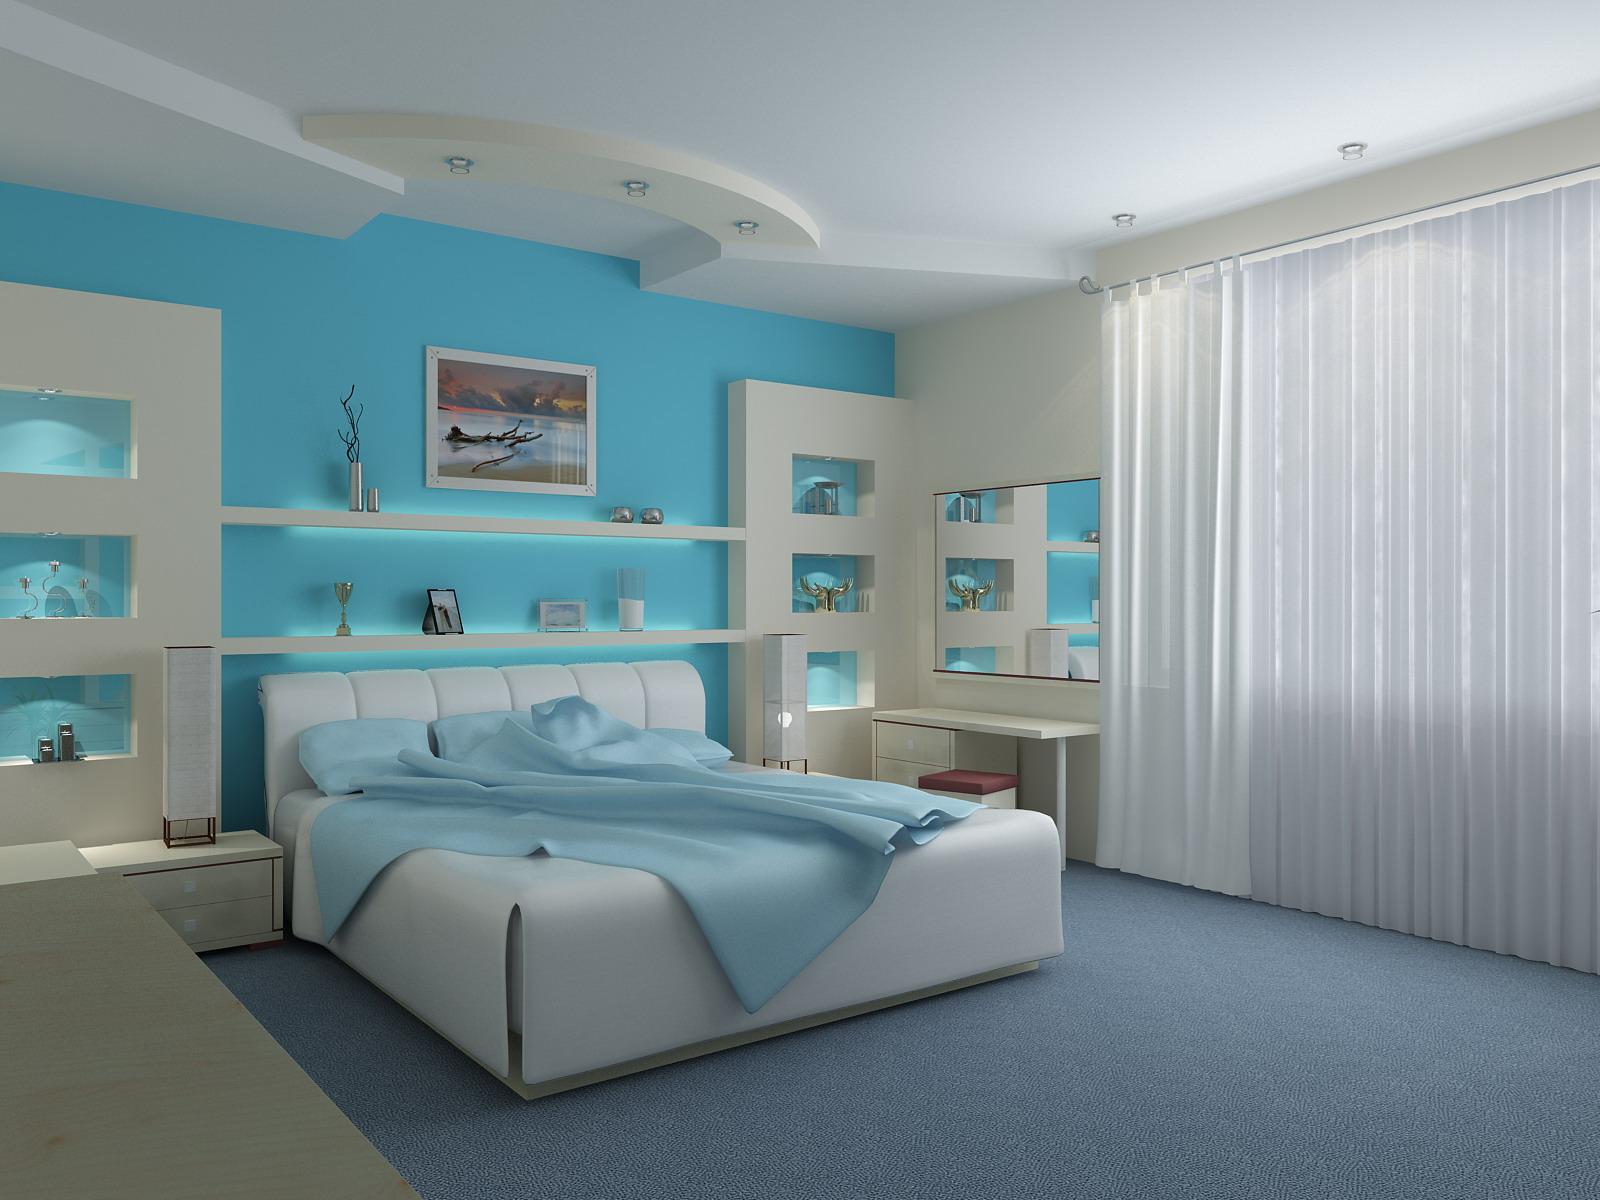 Sealike Bedroom by rOSTyk.jpg